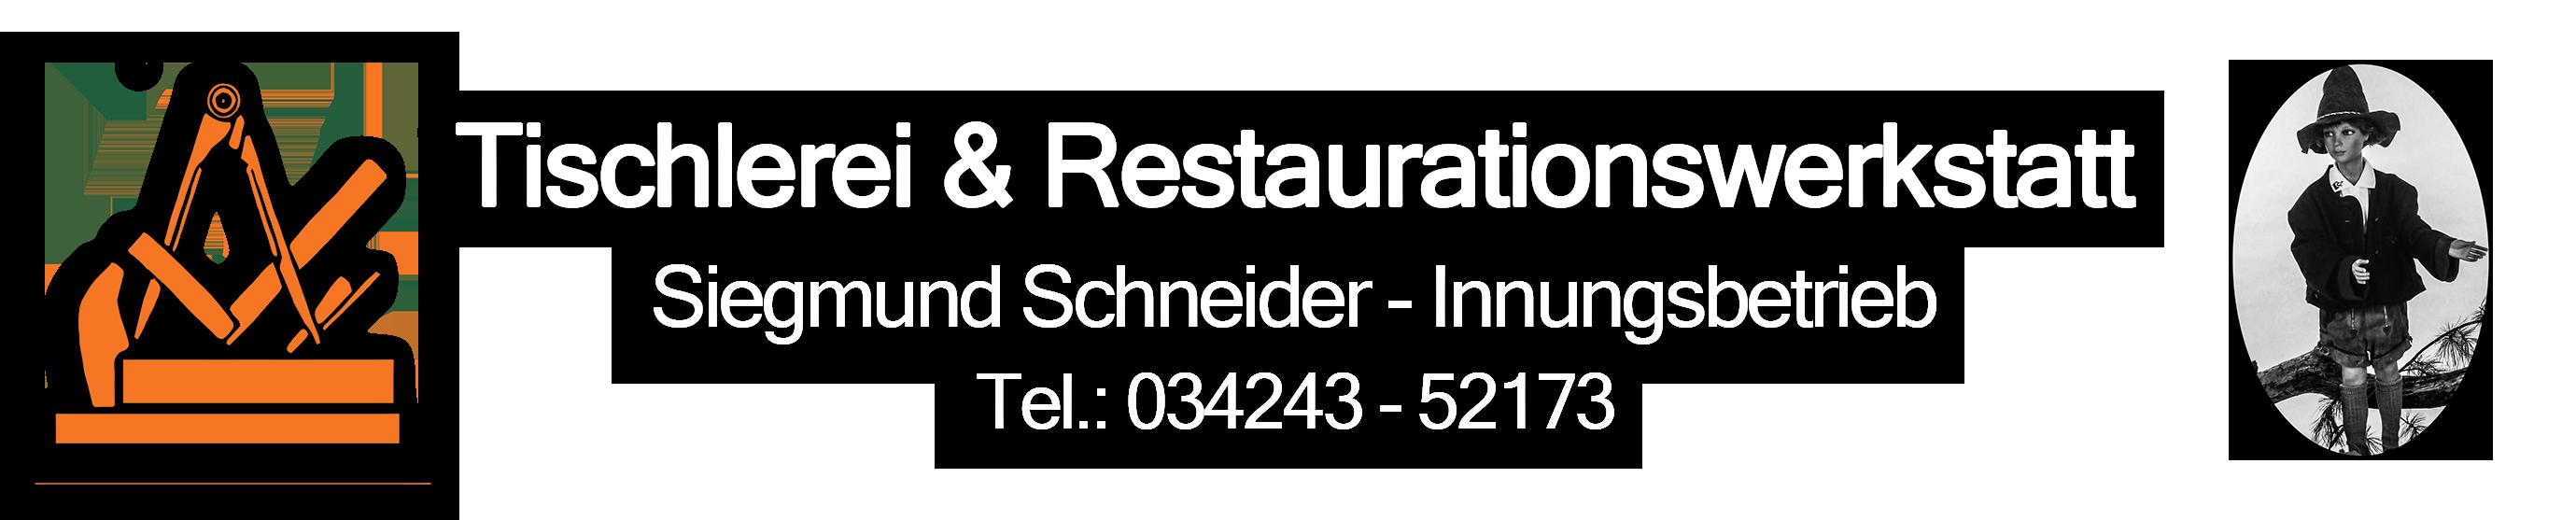 Tischlerei & Restaurationswerkstatt Sigmund Schneider